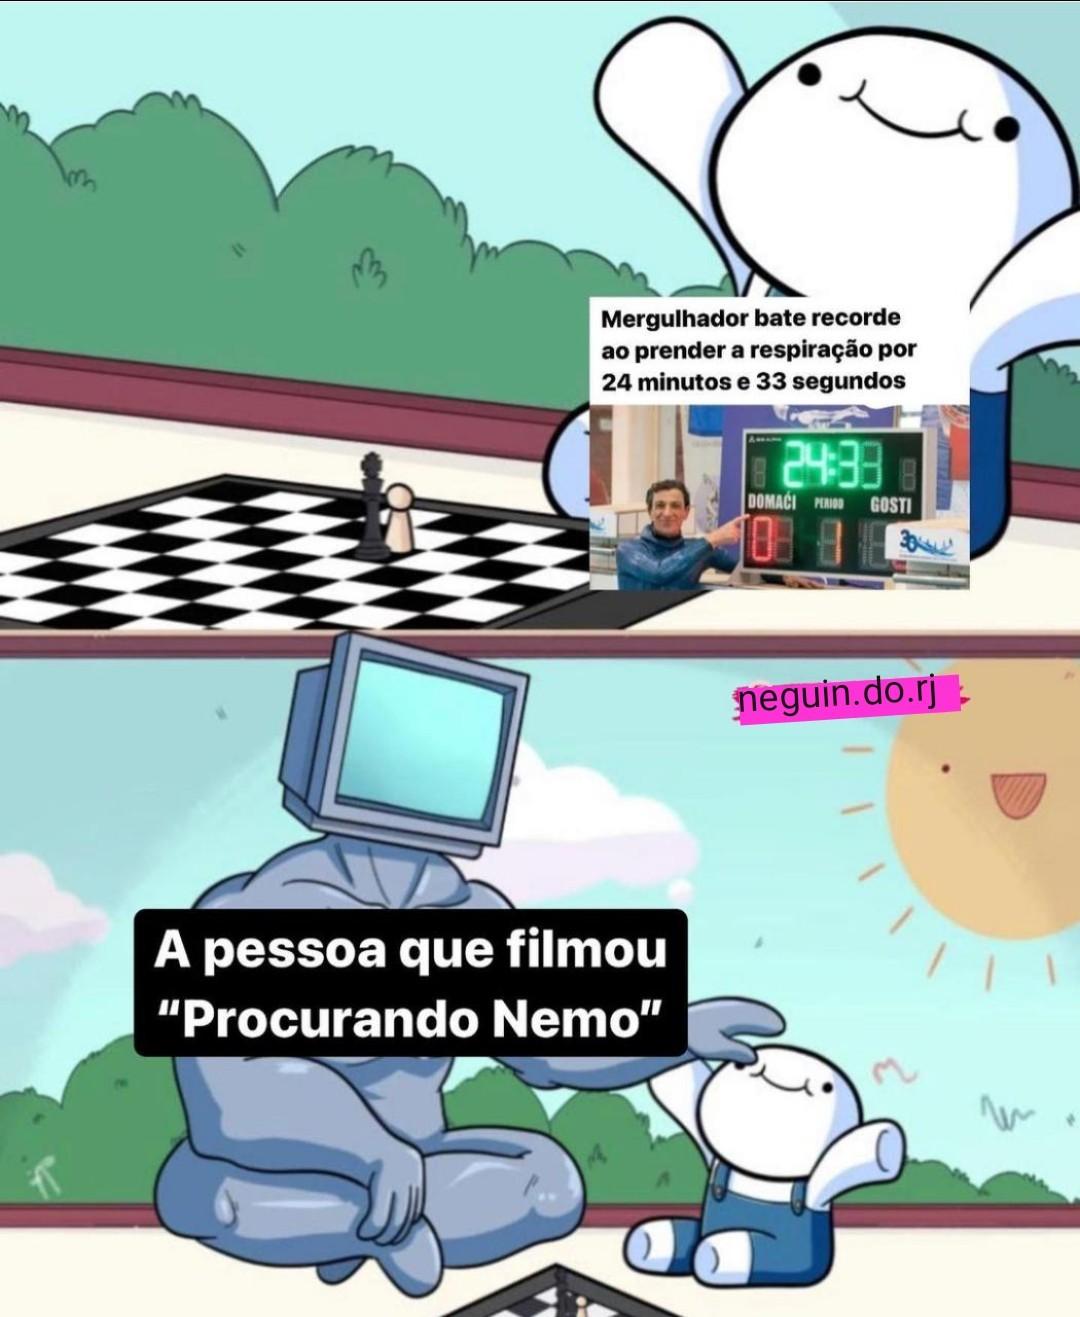 Flamengo bi campeão da supercopa - meme